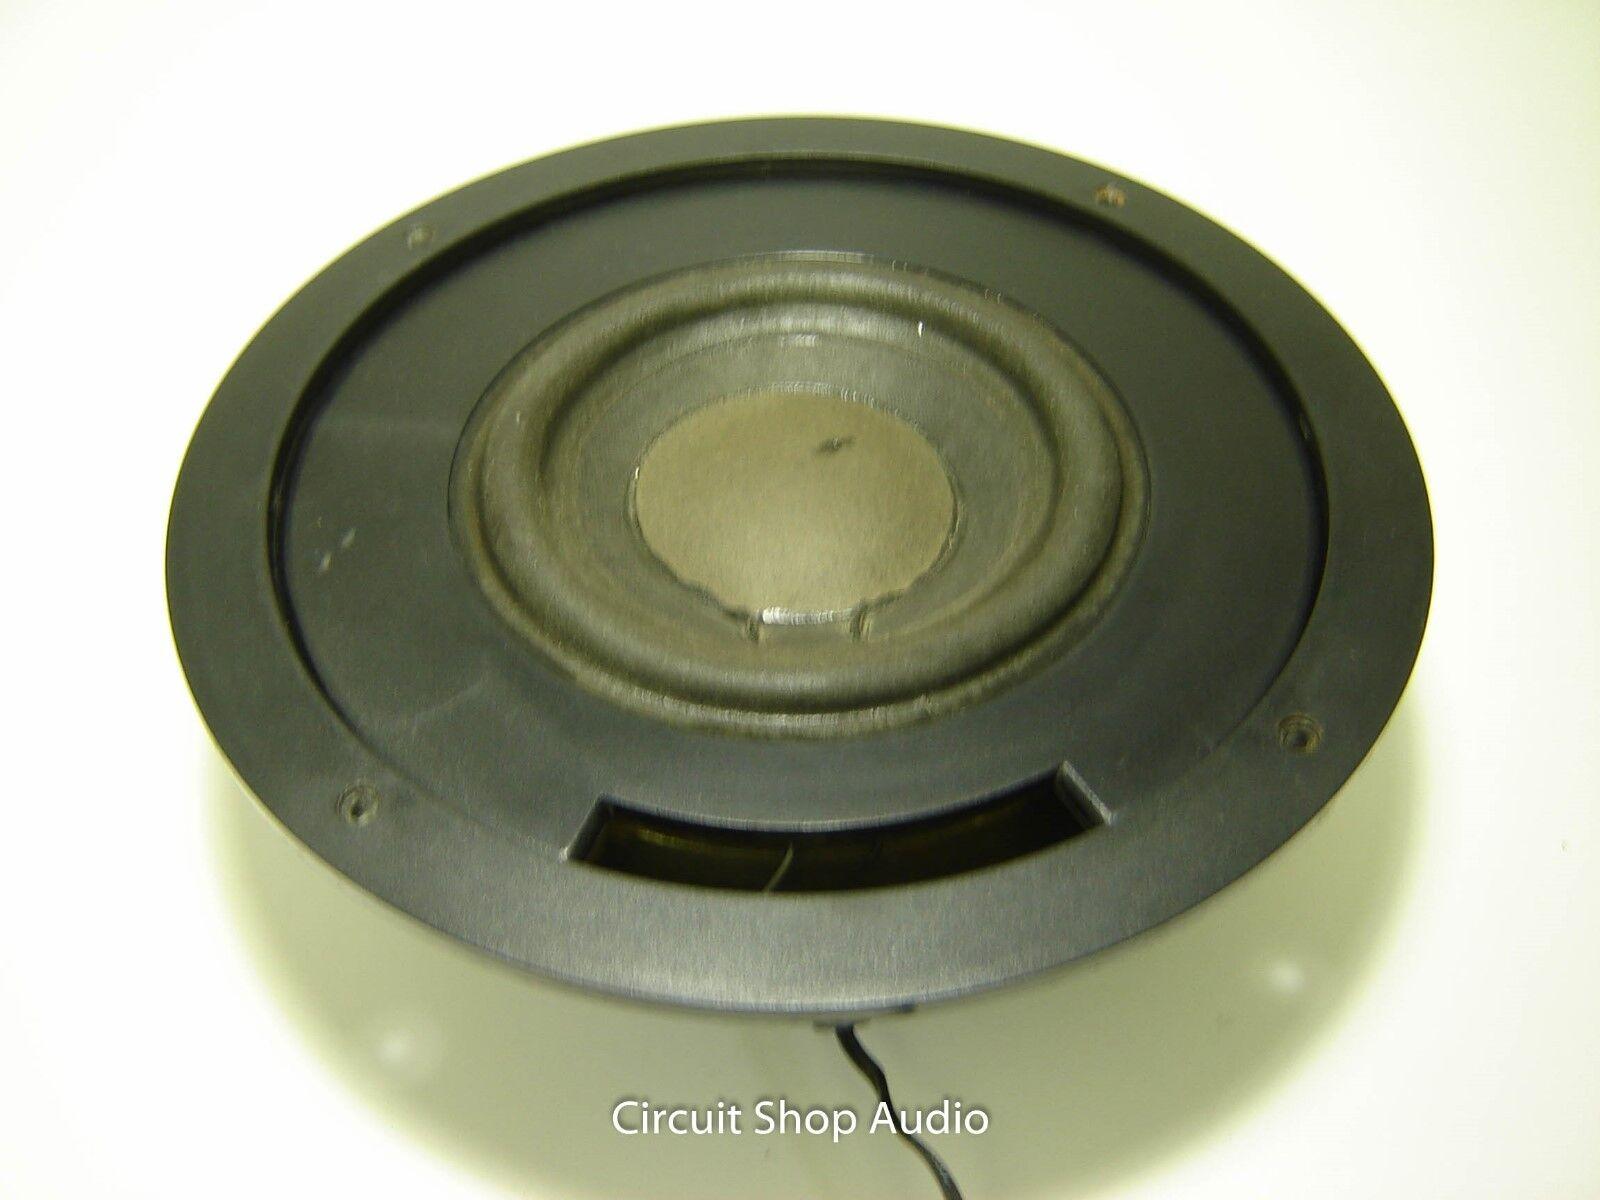 EV   Electro Voice VMR   Vented Midrange - 1803 9943 838 TX2